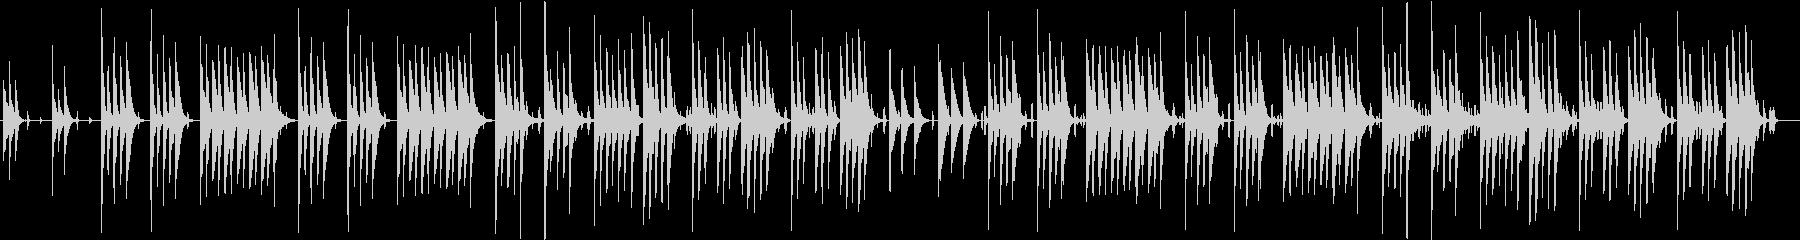 木琴がメインのほのぼのとした短めの曲の未再生の波形